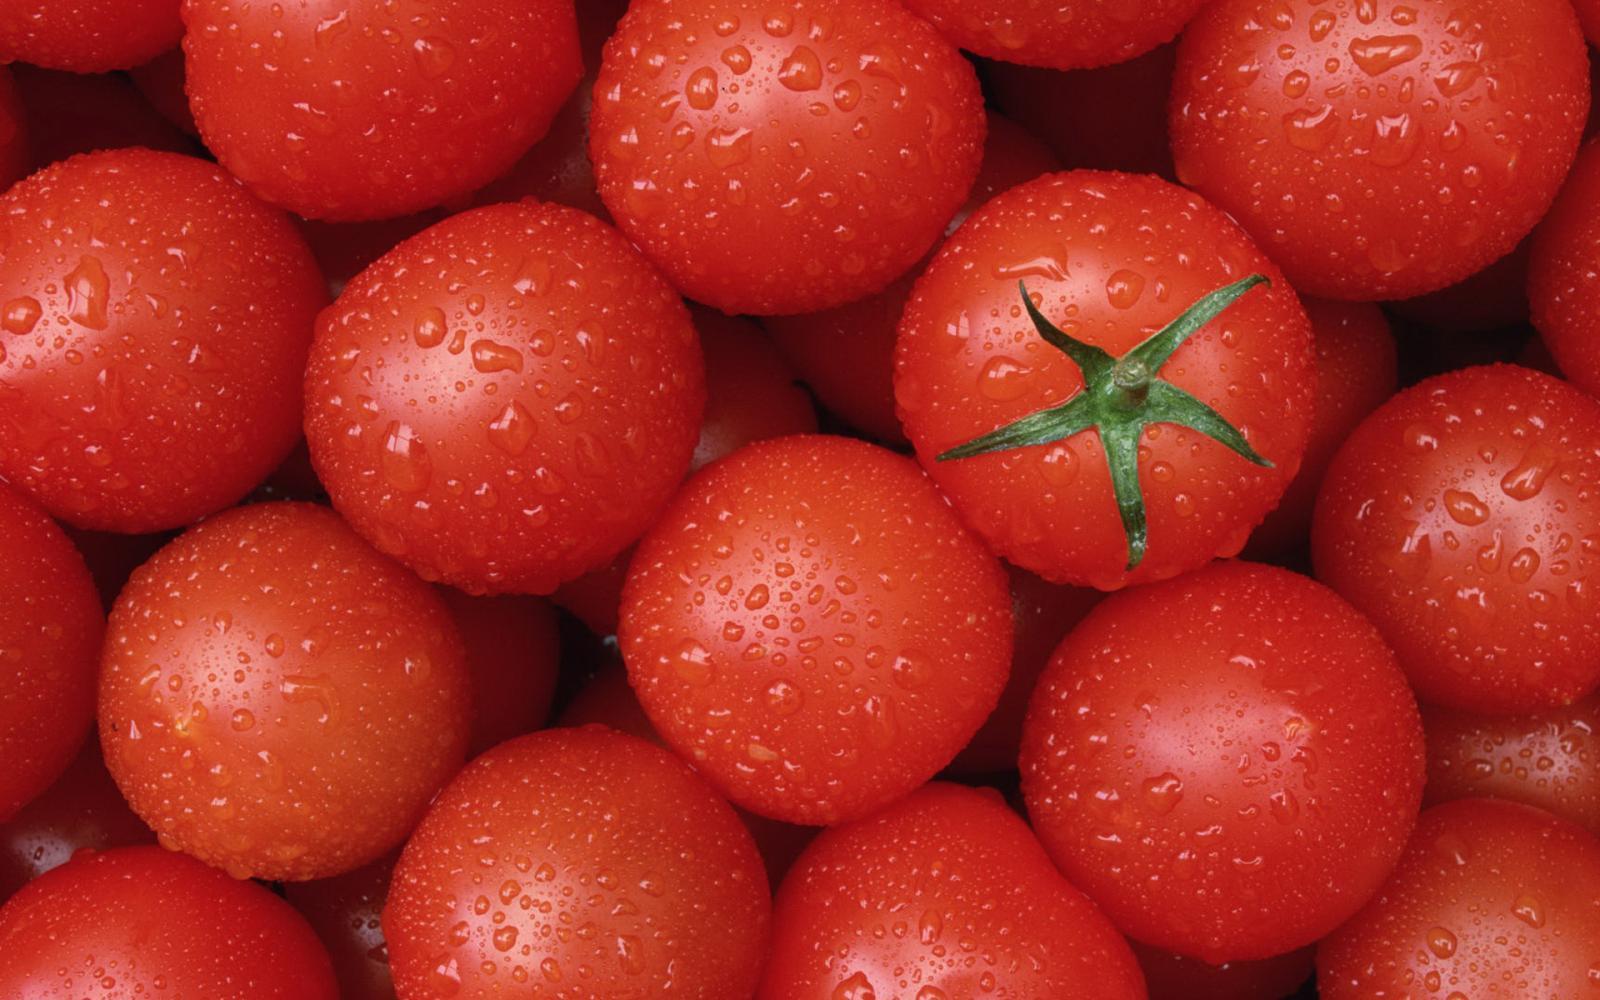 Что такое детерминантное растение помидоры